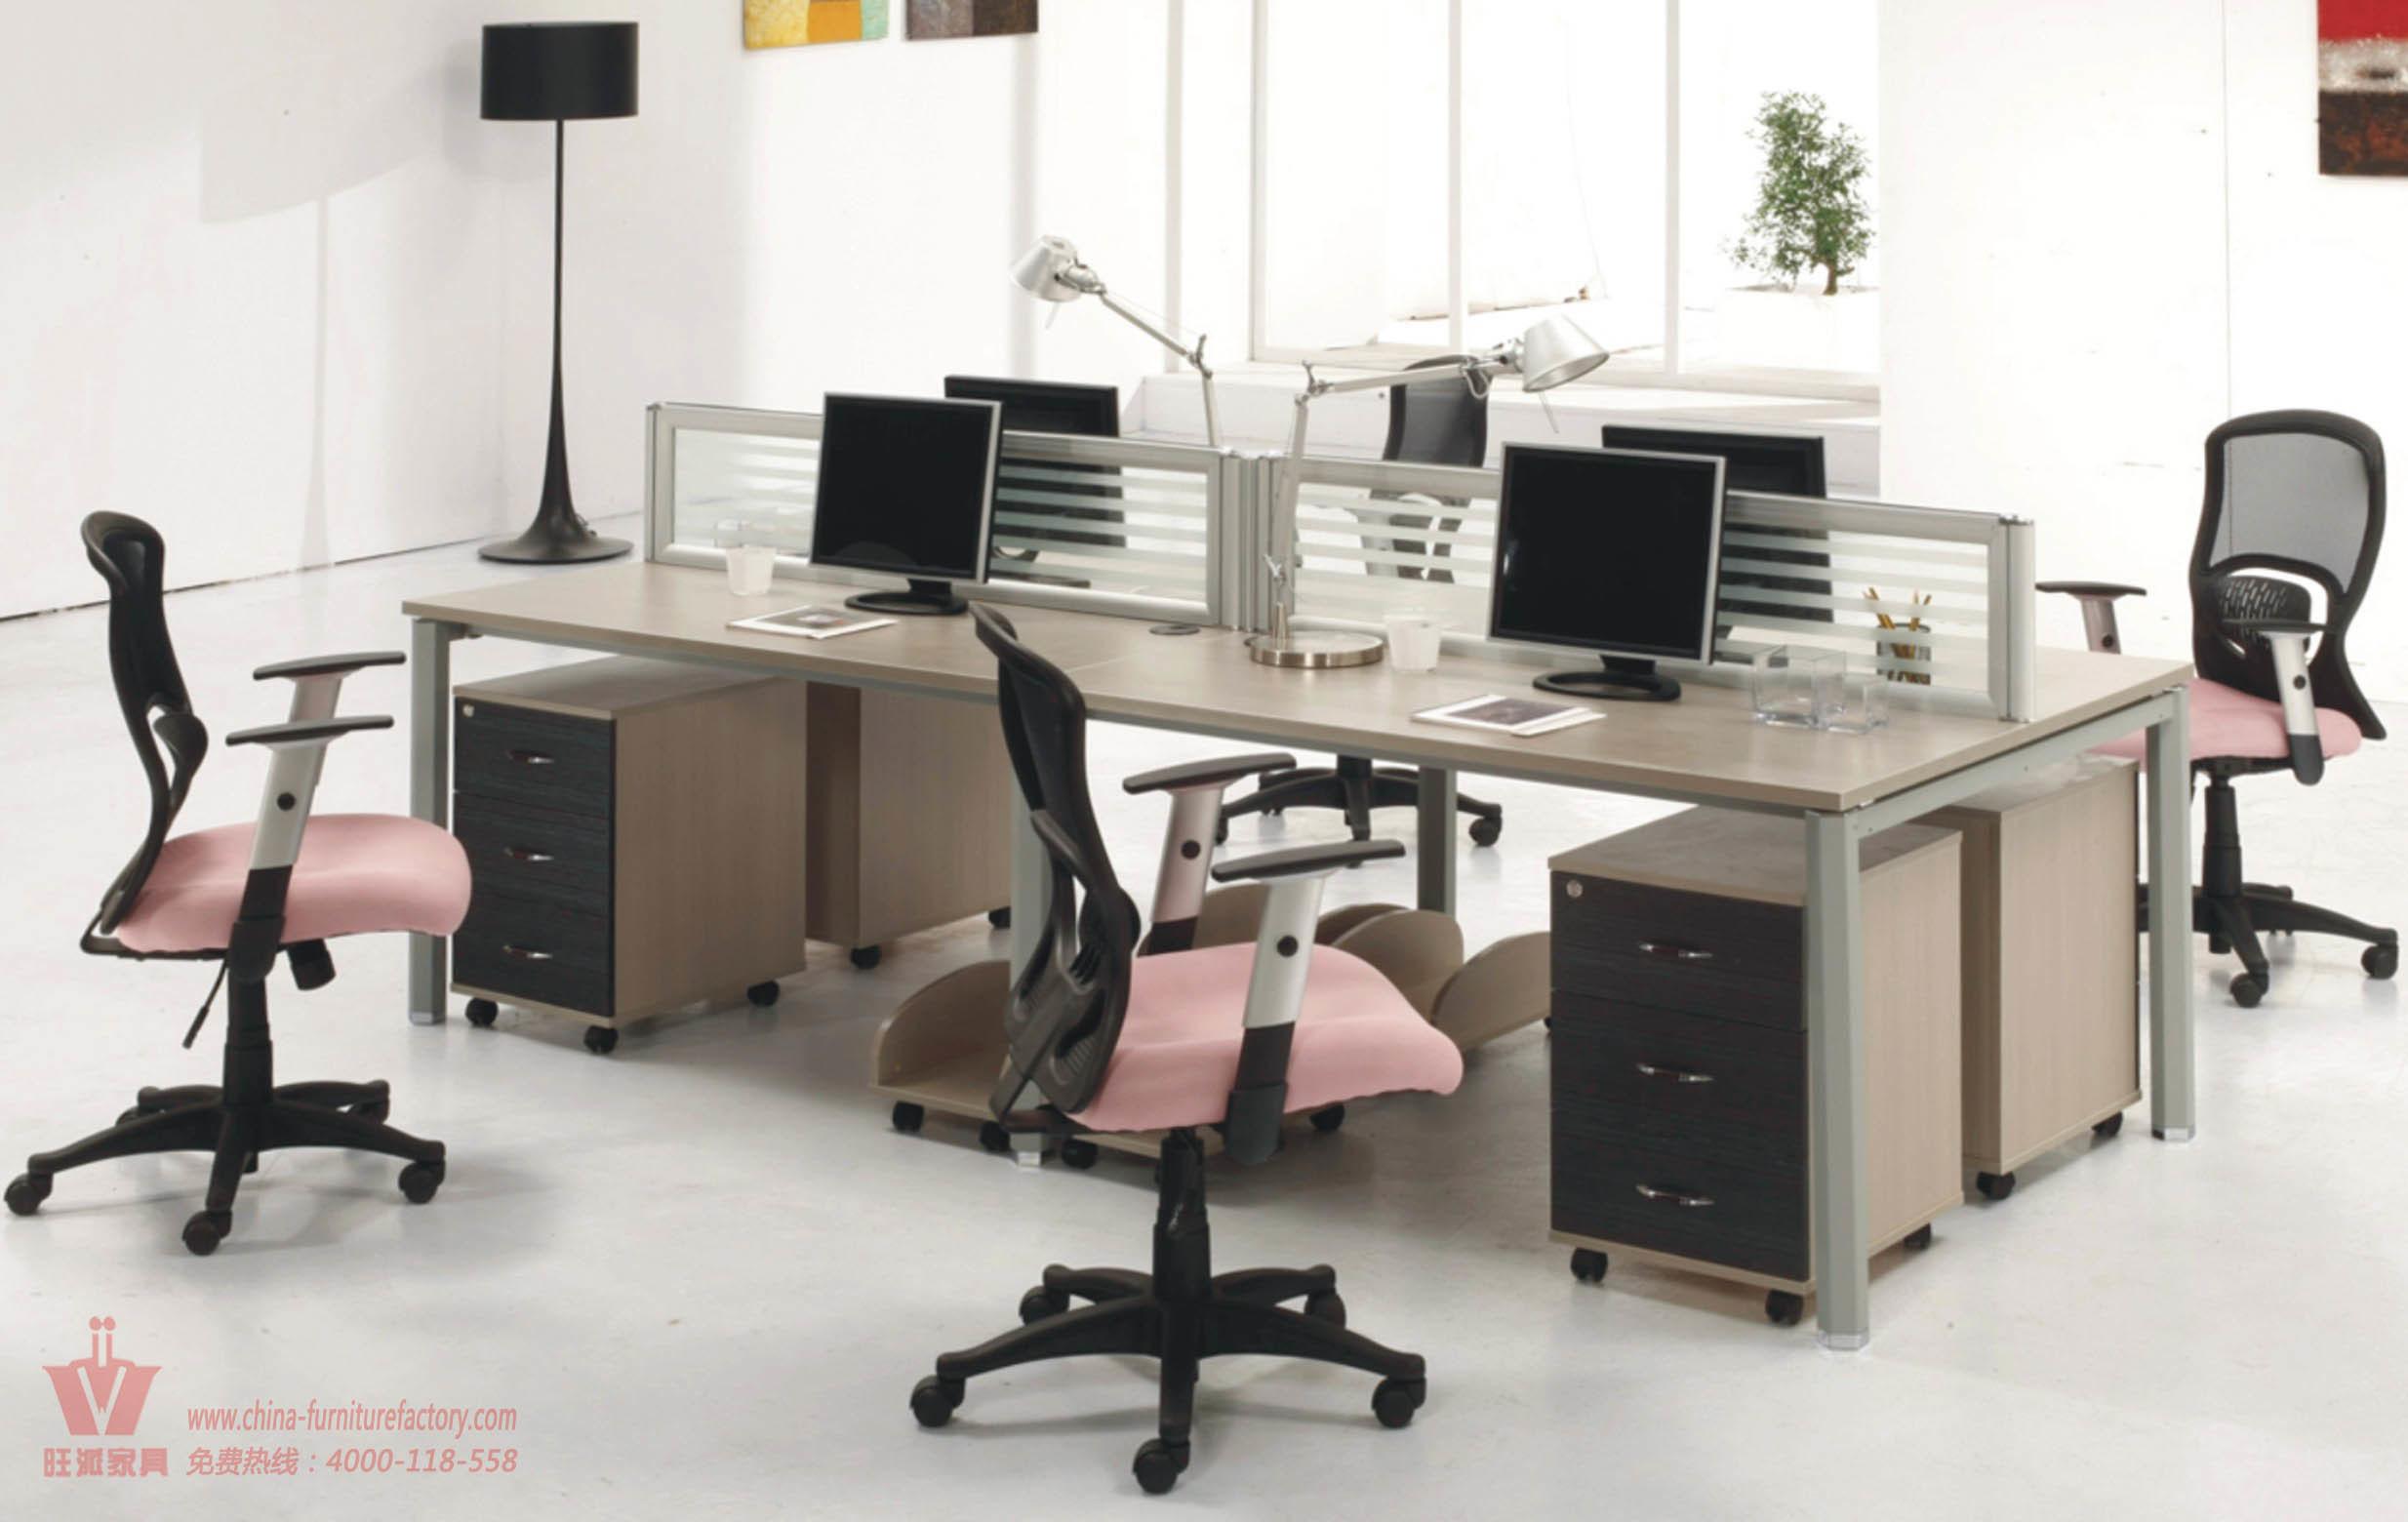 Partici n profesional del sitio de trabajo de la oficina for Proveedores de muebles de oficina